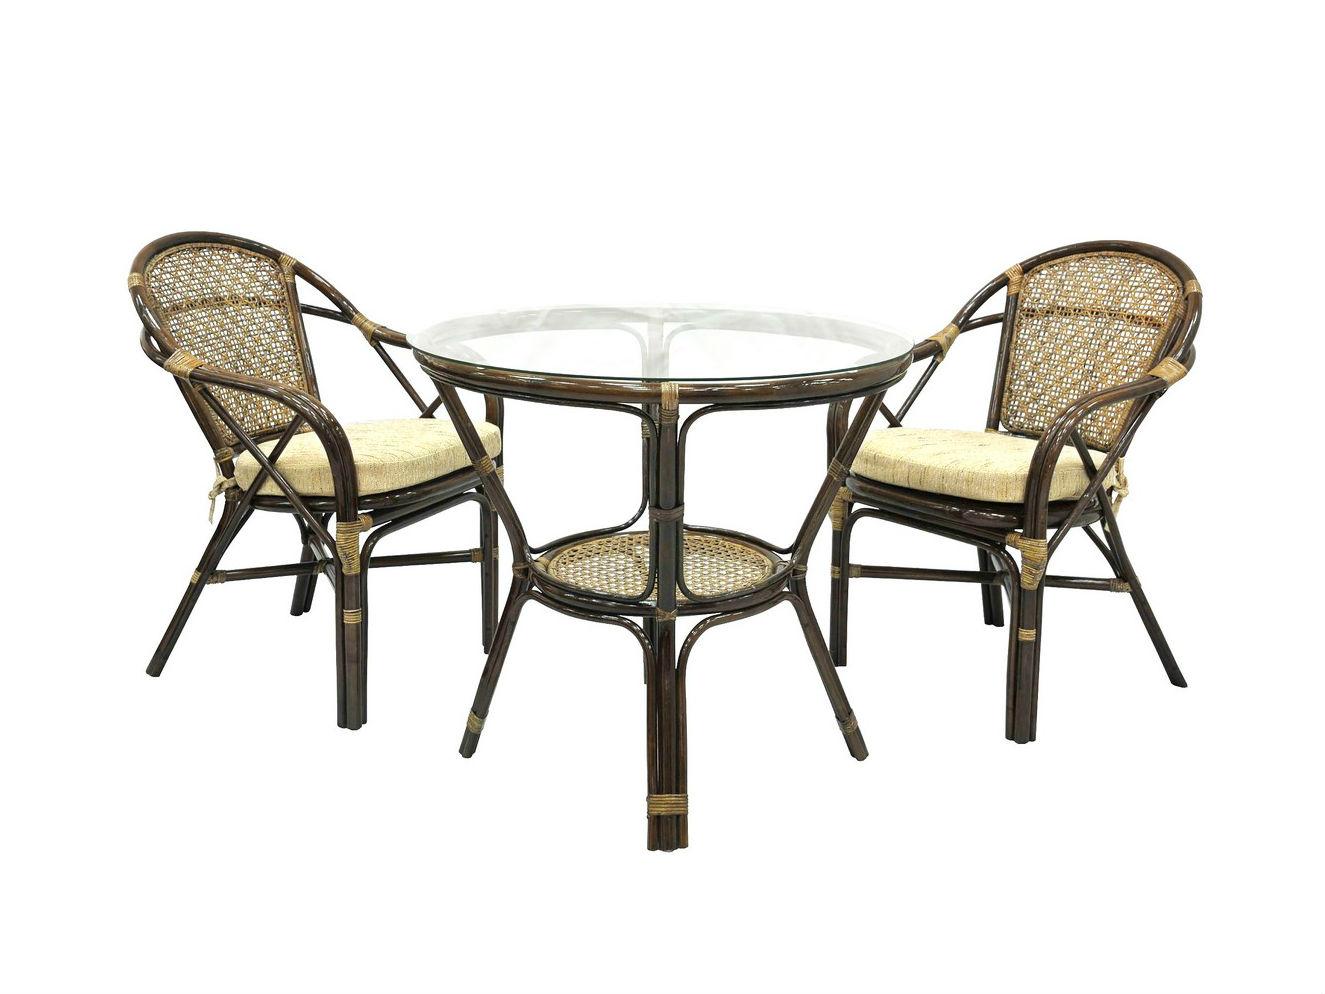 Комплект обеденный EllenaКомплекты уличной мебели<br>Комплектация: два стула, мягкие подушки (на сидение), столик со стеклом (на присосках).&amp;amp;nbsp;&amp;lt;div&amp;gt;&amp;lt;br&amp;gt;&amp;lt;/div&amp;gt;&amp;lt;div&amp;gt;Материал каркаса:  натуральный ротанг&amp;lt;/div&amp;gt;&amp;lt;div&amp;gt;Мягкая обивка/подушка:  ткань рогожка&amp;lt;/div&amp;gt;&amp;lt;div&amp;gt;Размер: столик со стеклом 78х74х78 см, стул 88х63х70 см&amp;lt;/div&amp;gt;&amp;lt;div&amp;gt;Выдерживаемая нагрузка, кг:  90&amp;lt;/div&amp;gt;<br><br>Material: Ротанг<br>Height см: 74<br>Diameter см: 78